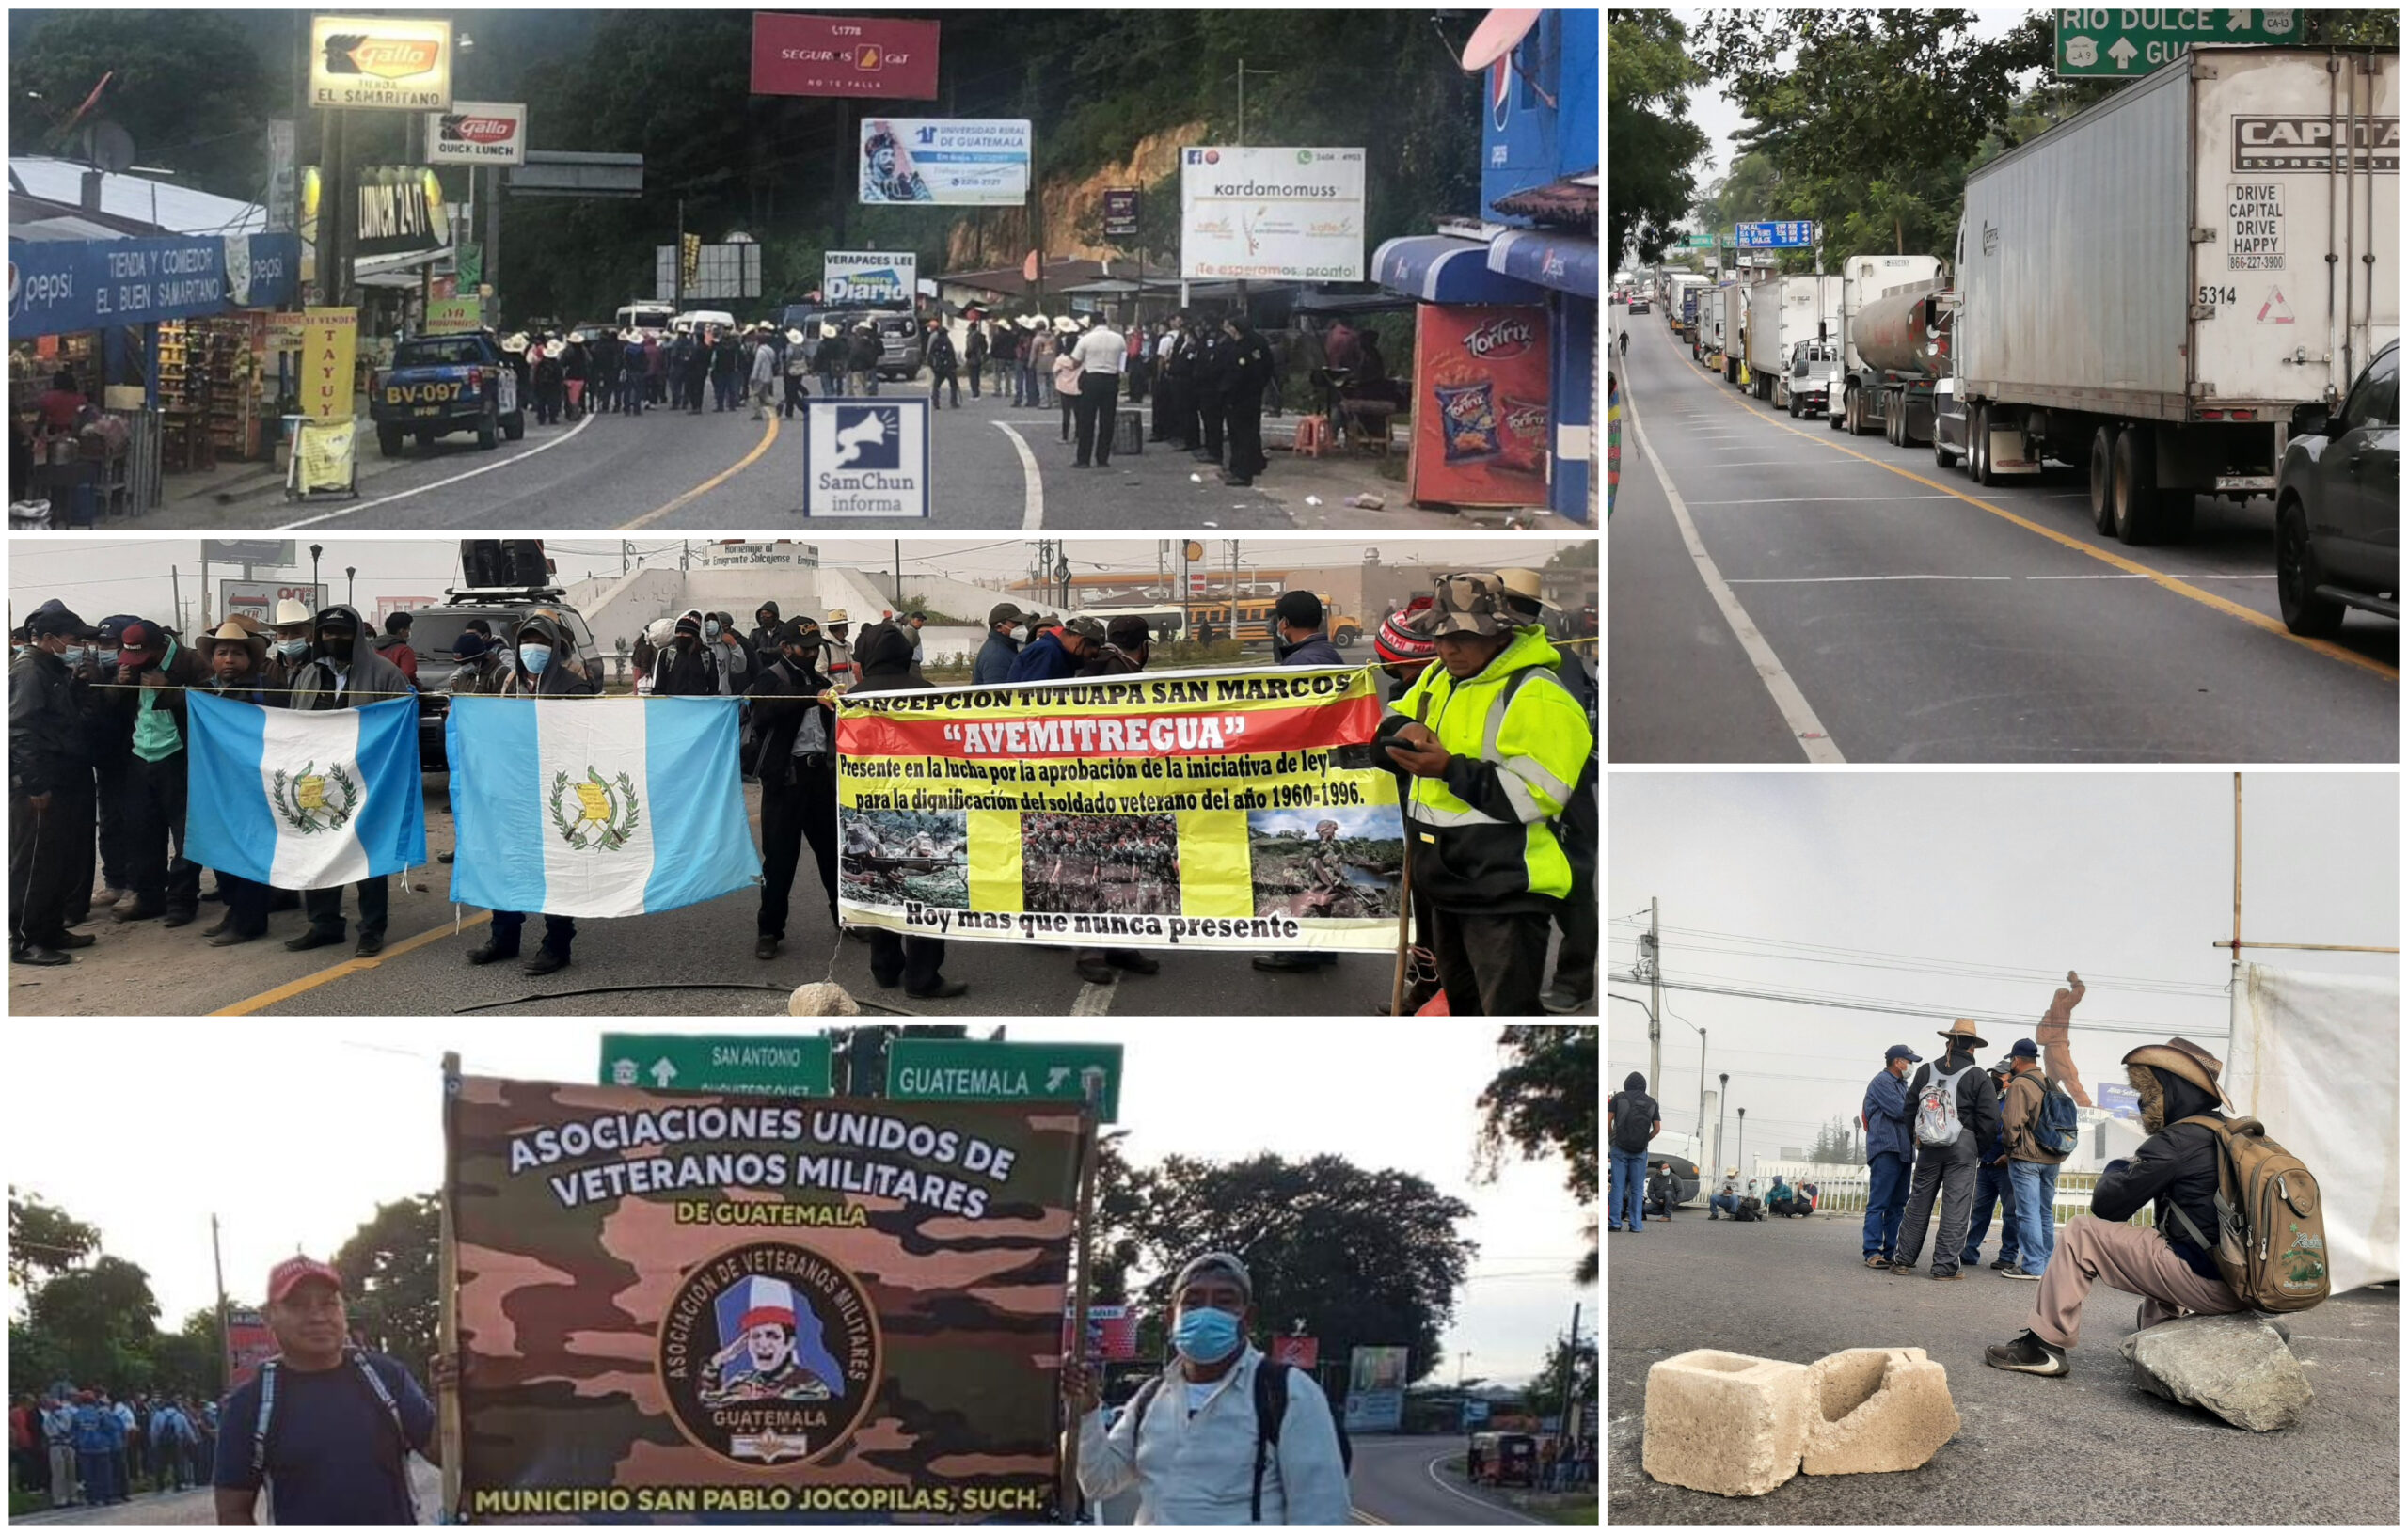 Los bloqueos anunciados por los exmilitares que buscan una indemnización por sus servicios prestados al estado, paralizan las rutas. Los manifestantes habían anunciado que bloquearían las principales arterias del país durante tres días a partir de este miércoles 13 de octubre.